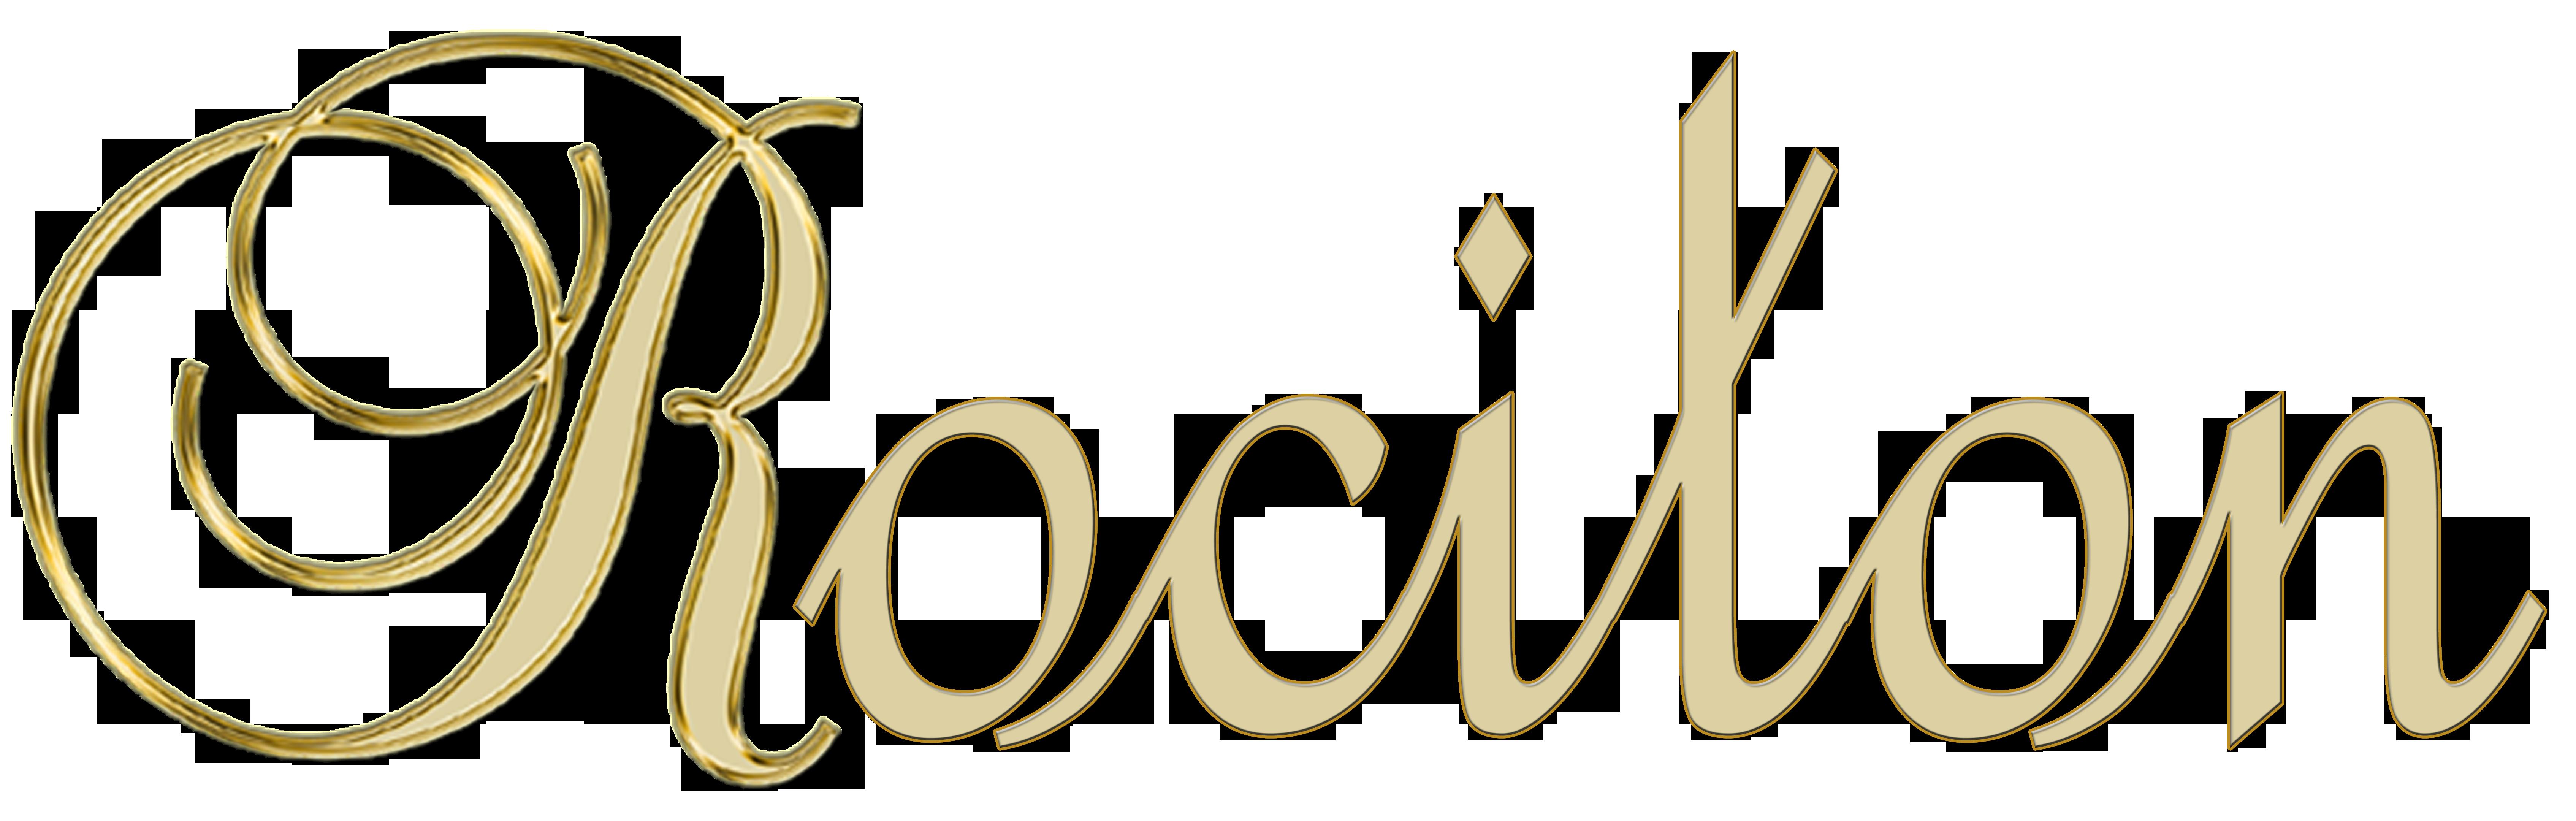 Rociton